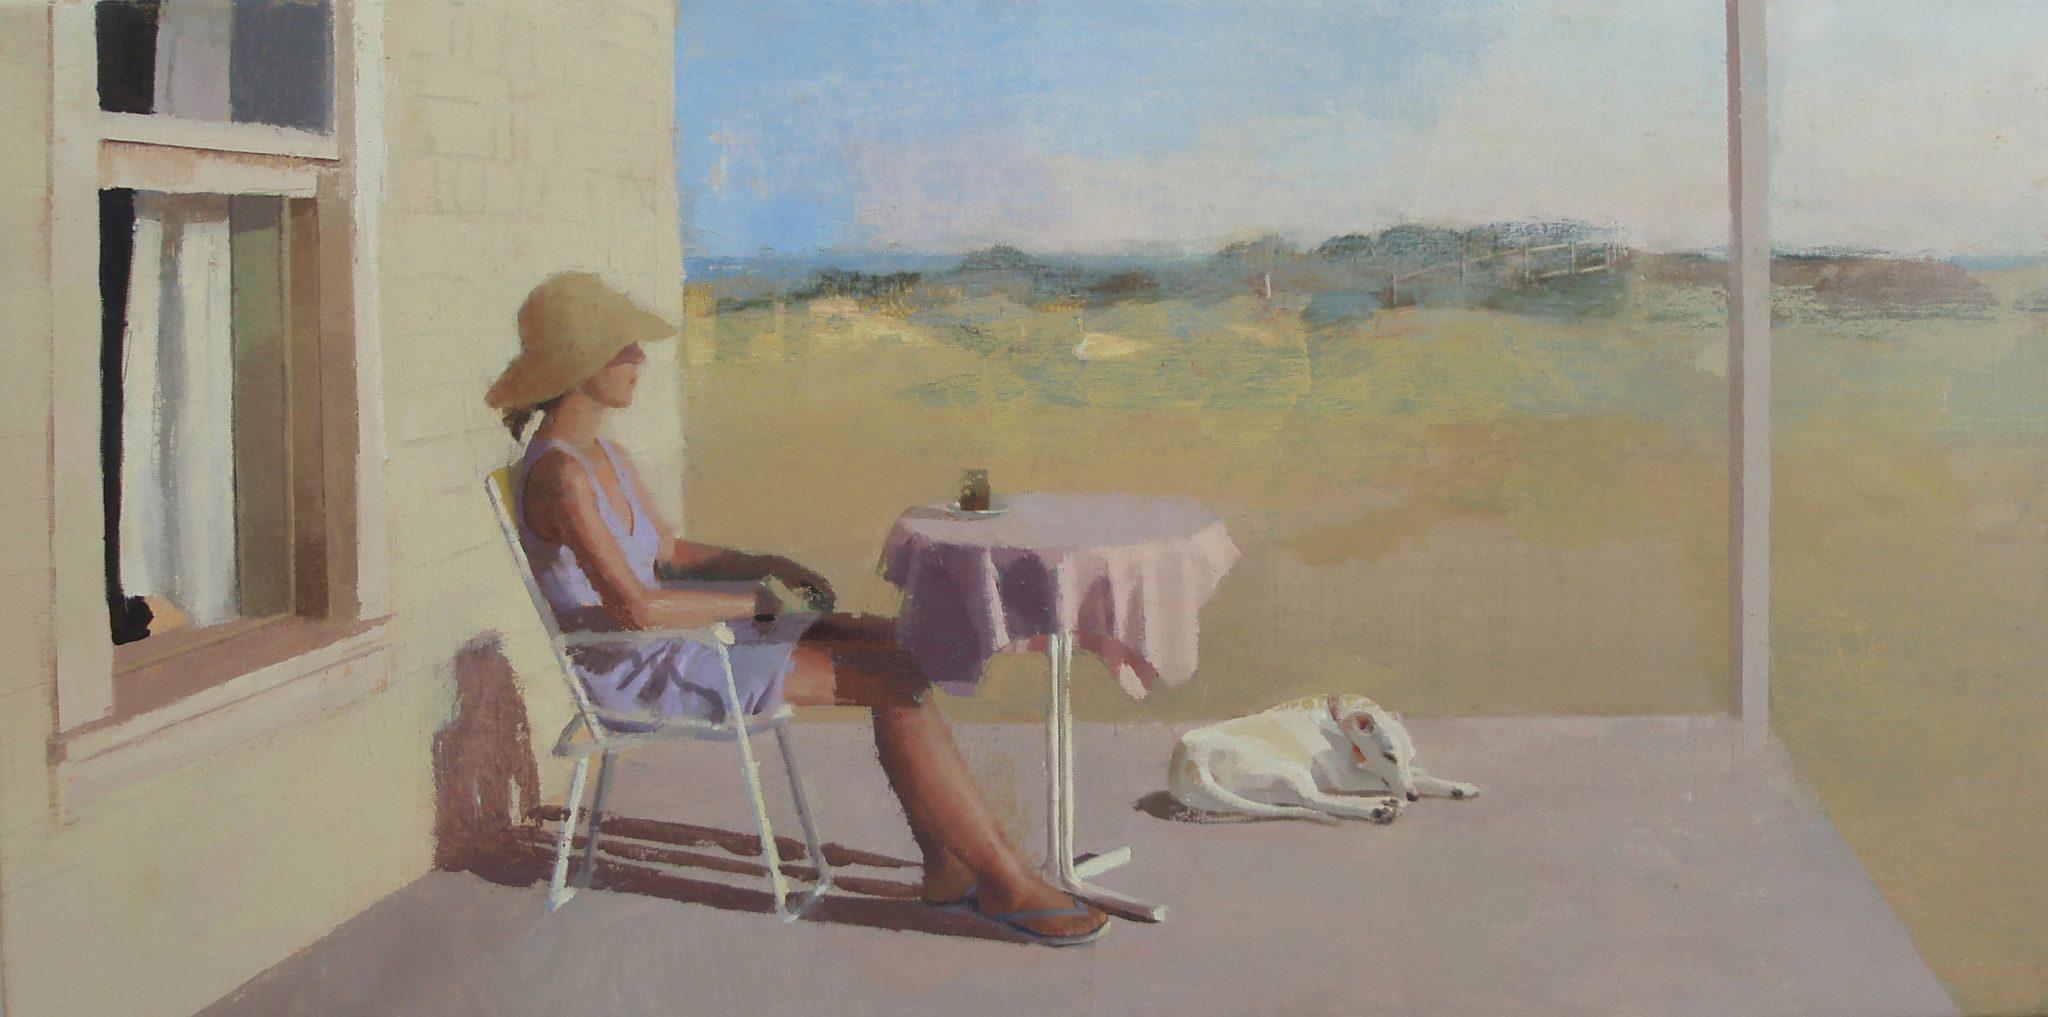 porche-alejandra-caballero-oleo-mujer-perro-vacaciones-verano-sol-playa